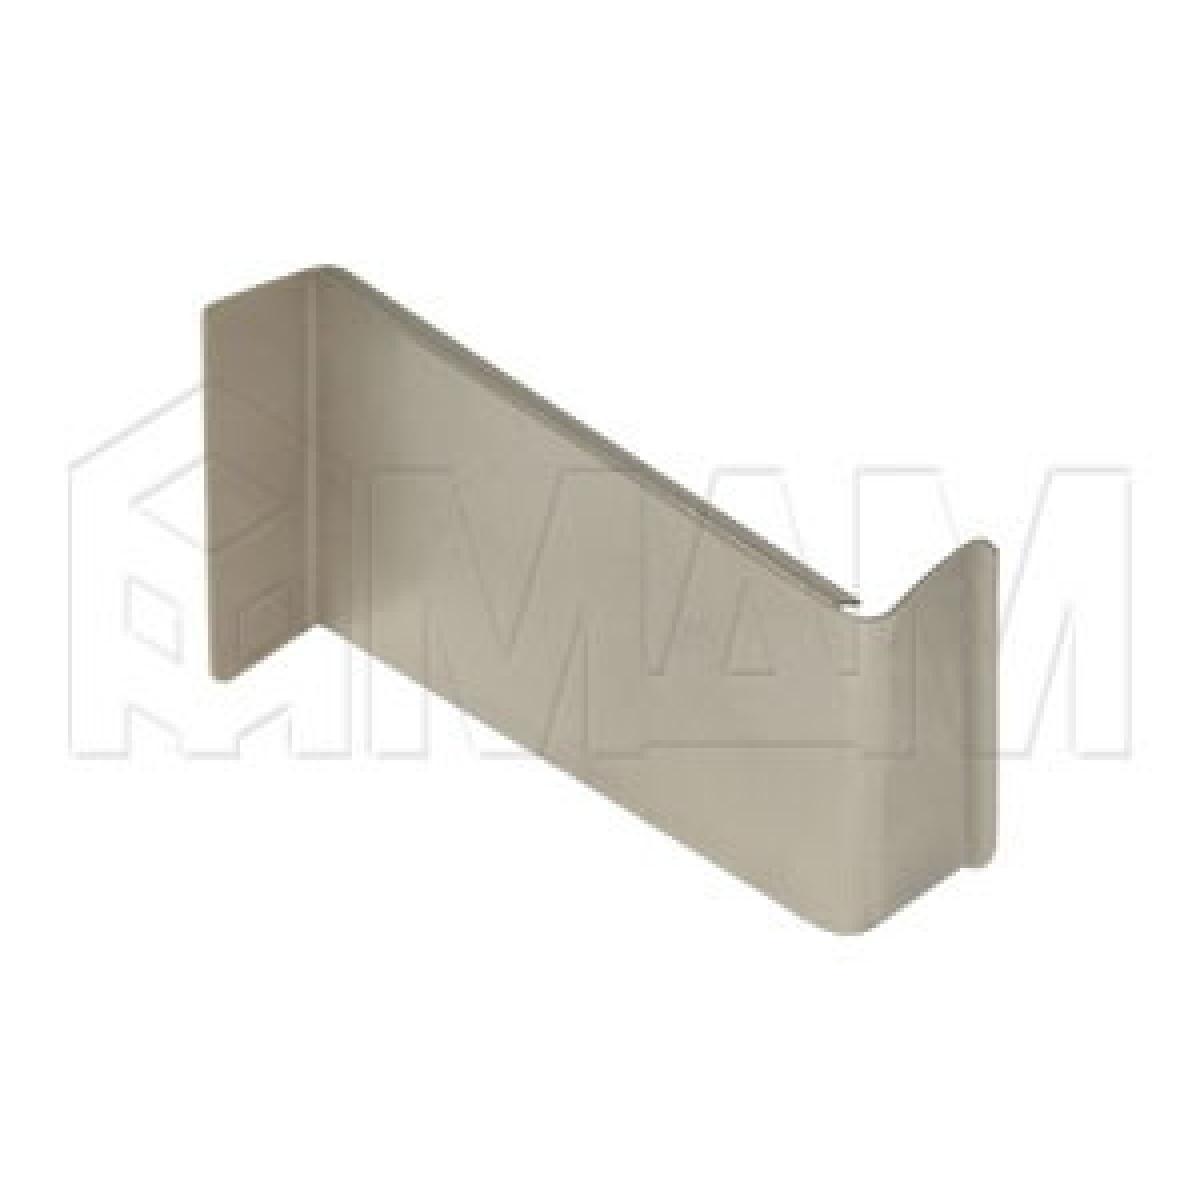 806 Заглушка для мебельного навеса, металл, никель, левая